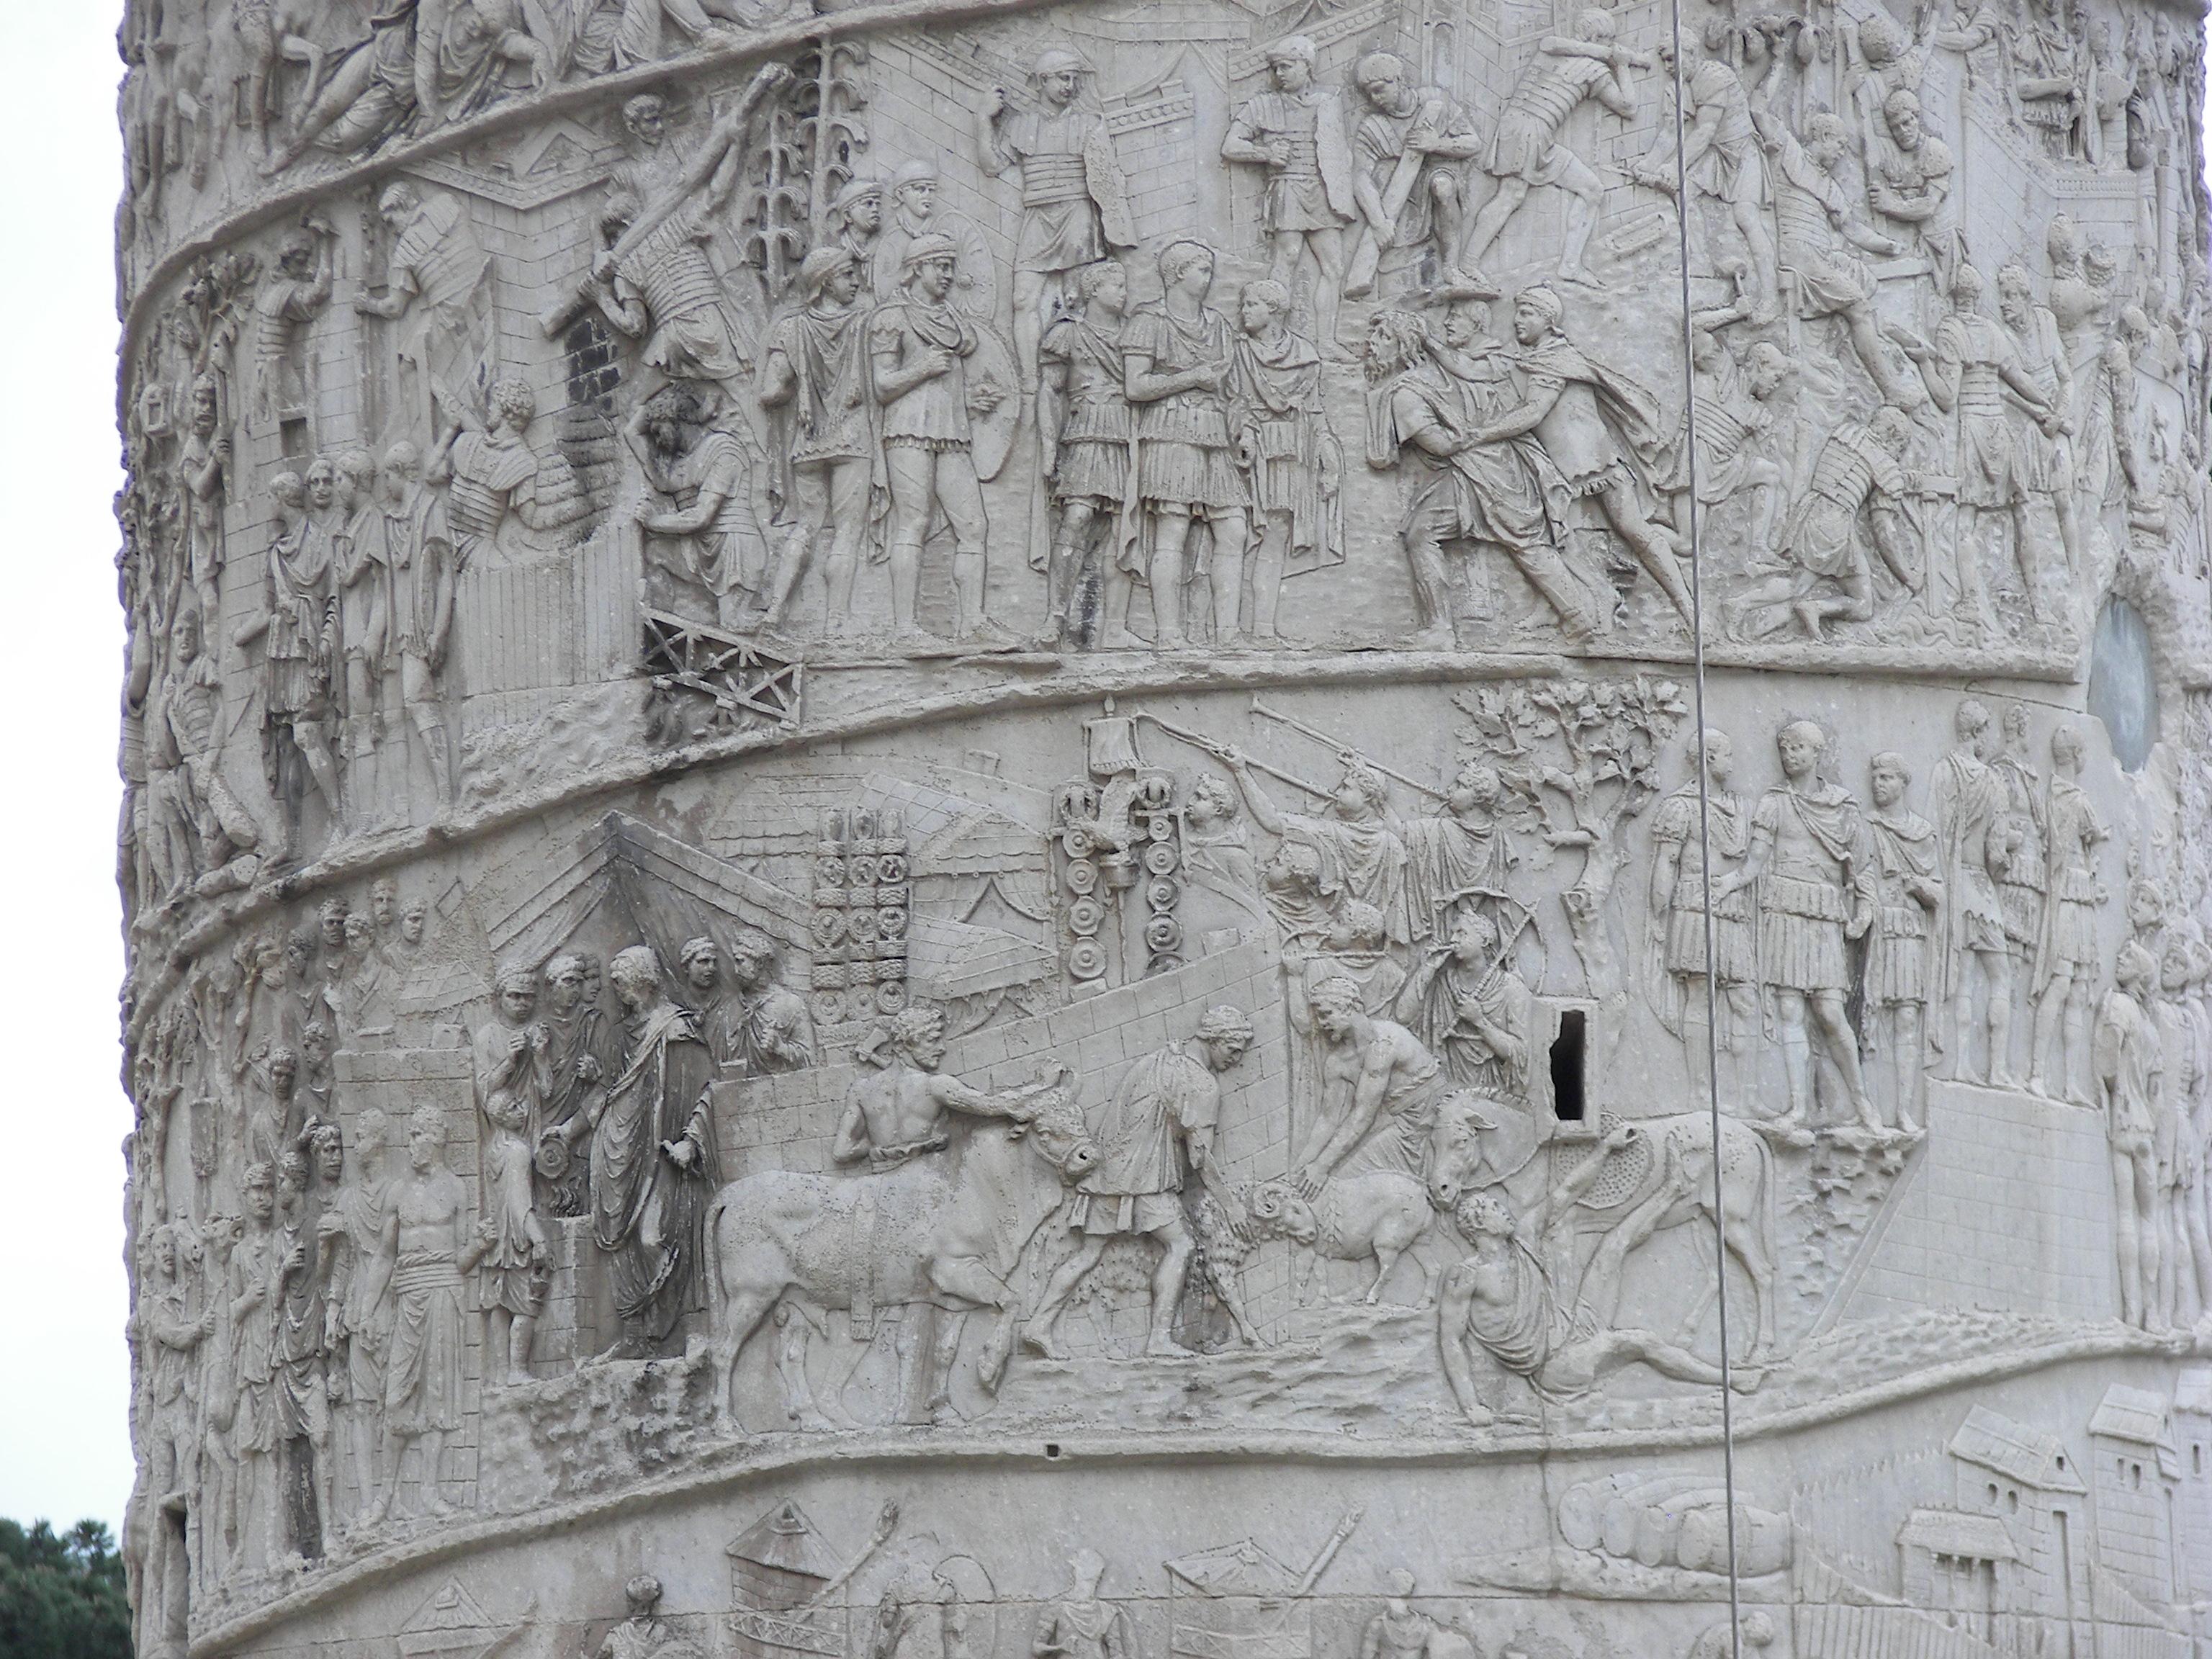 Trajan's Column reliefs